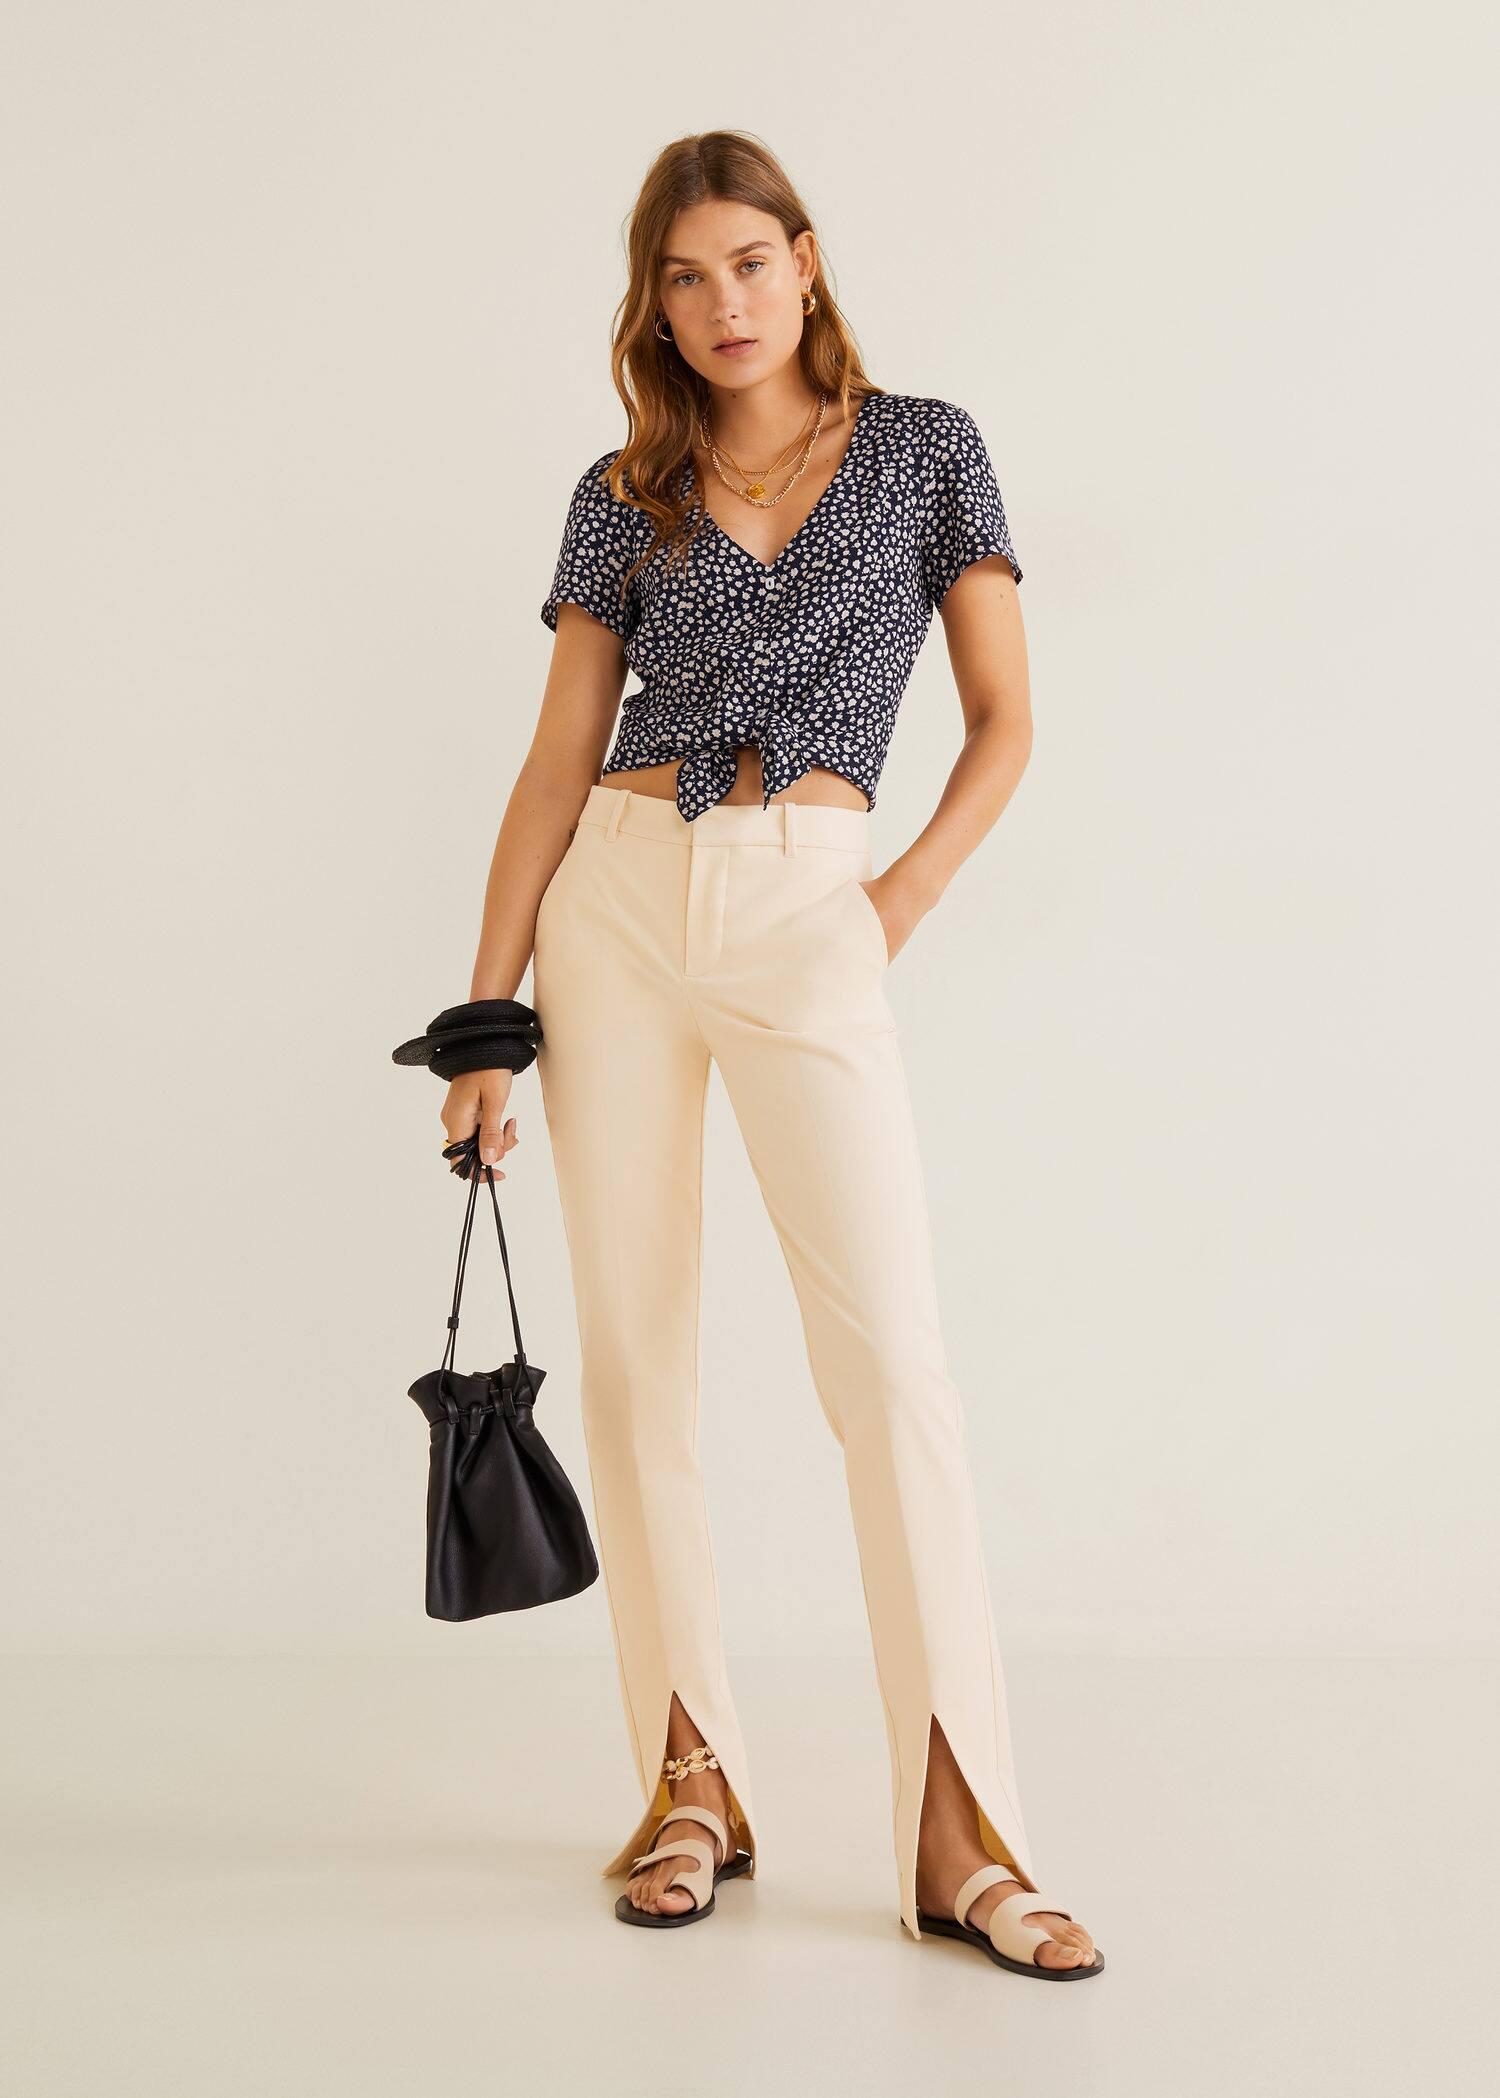 1a27700c95d038 Mango Buttoned flowy blouse 1 Mango Buttoned flowy blouse 3 ...